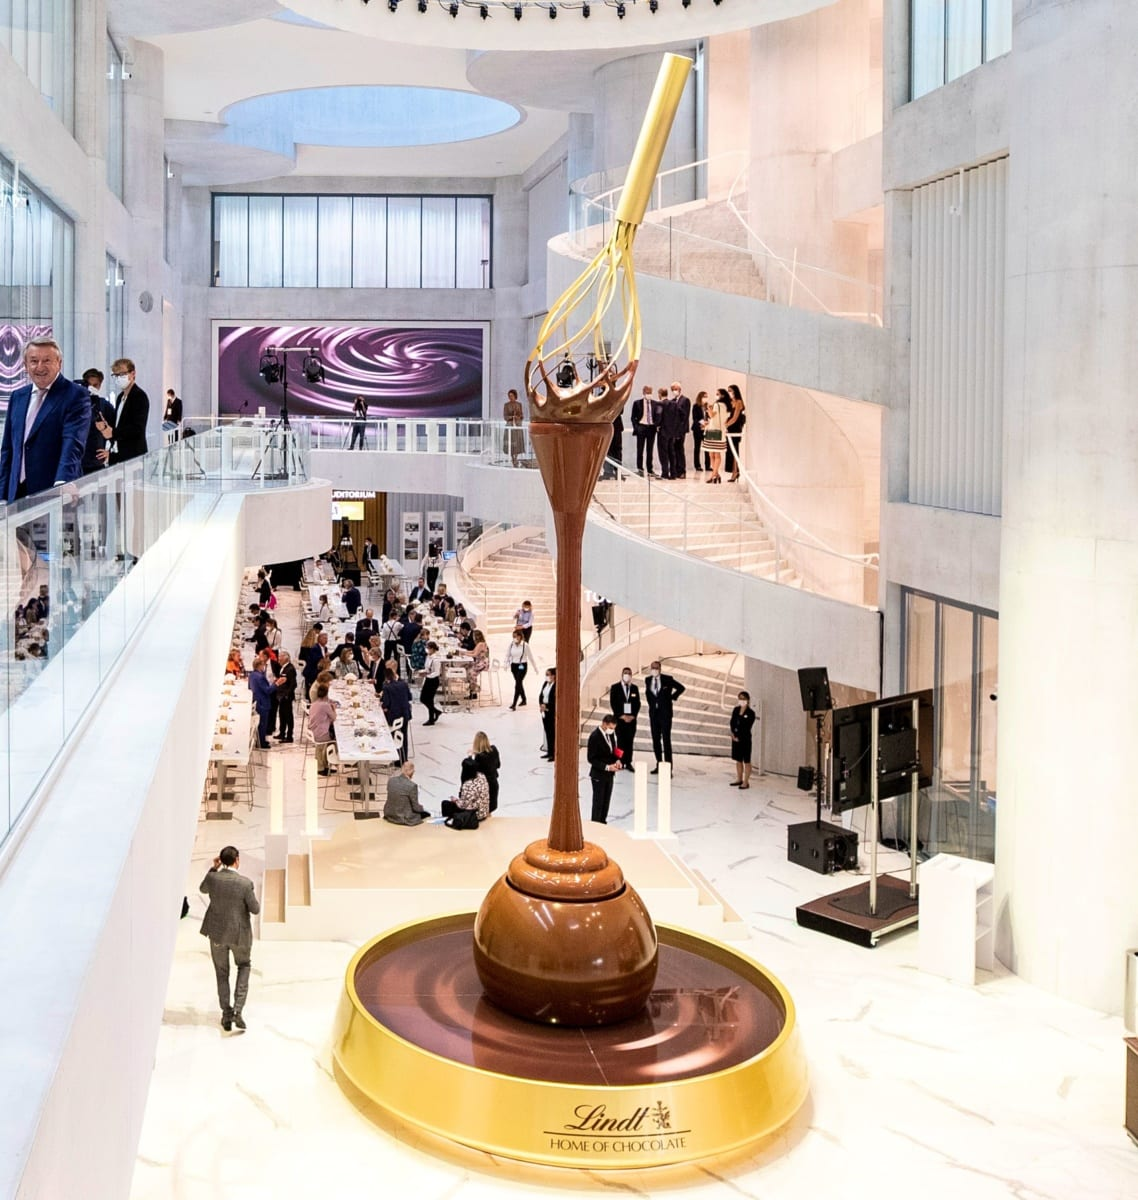 csokoládémúzeum Zürich